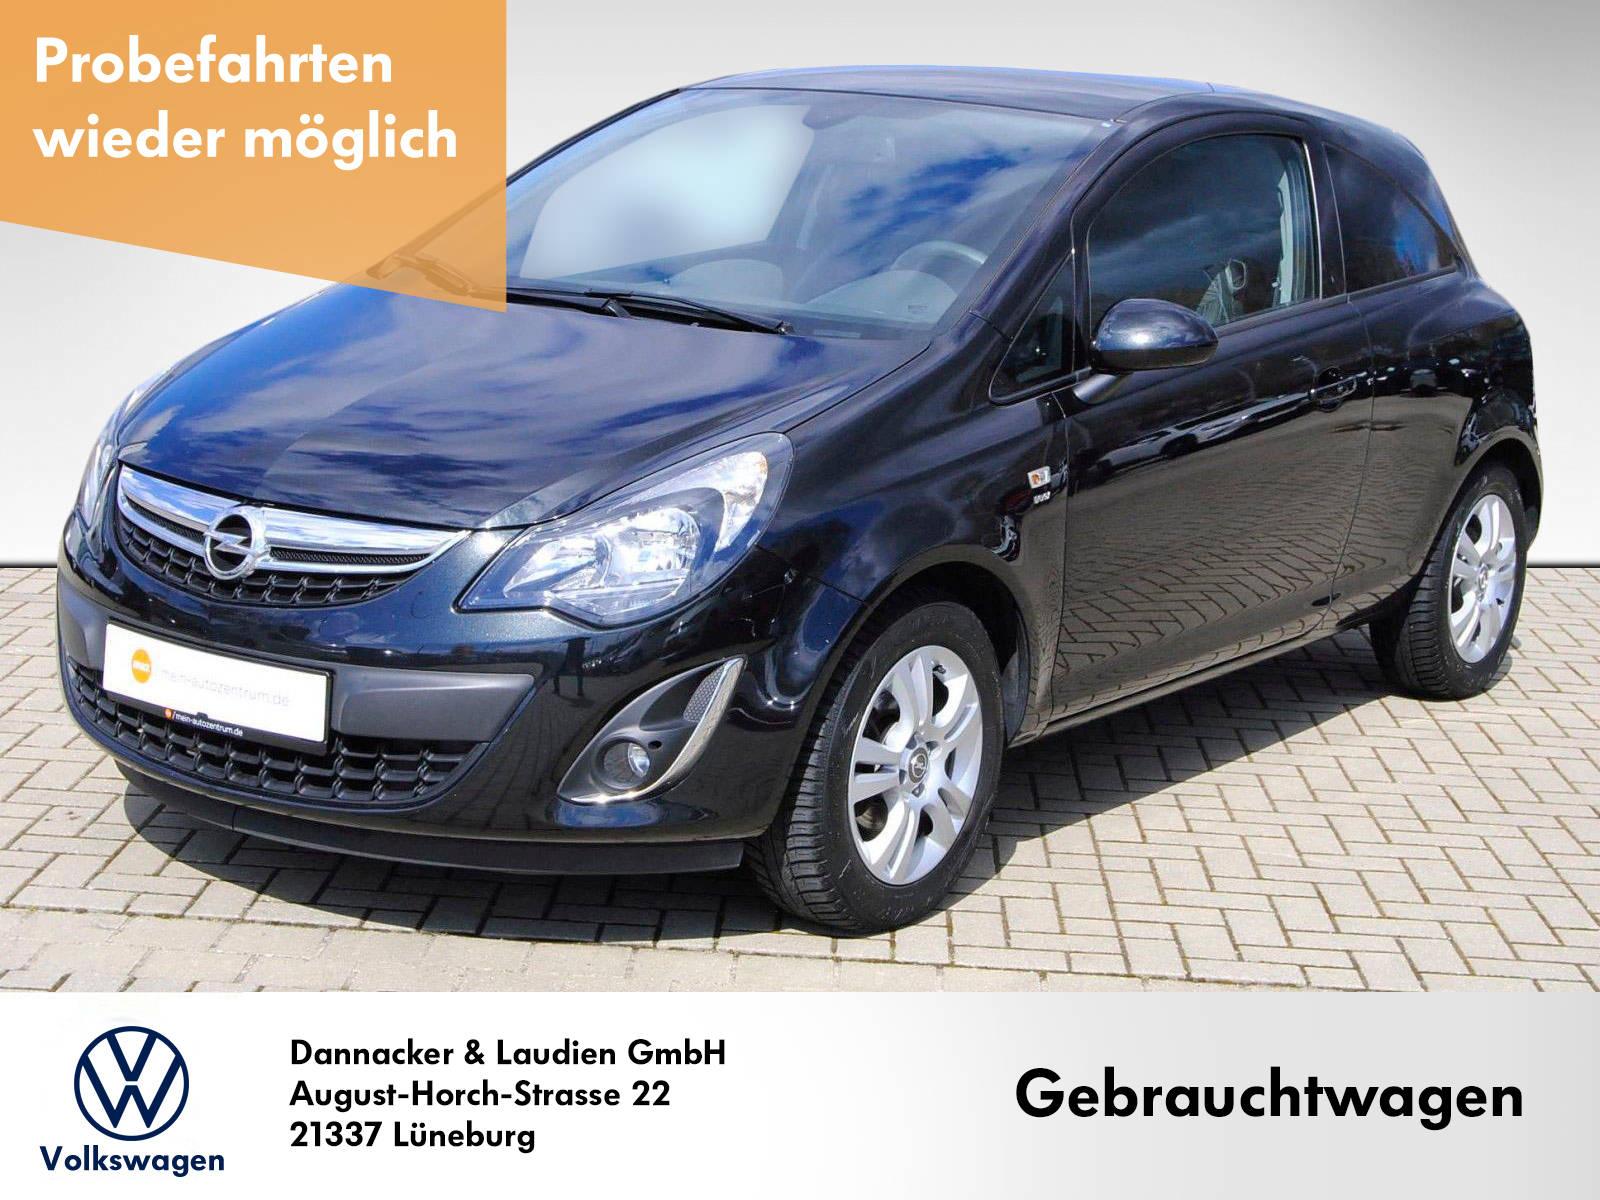 Opel Corsa D 1.4 Energy Alu Klima Sitz.+Lenkradheiz. ParkPilot, Jahr 2014, Benzin